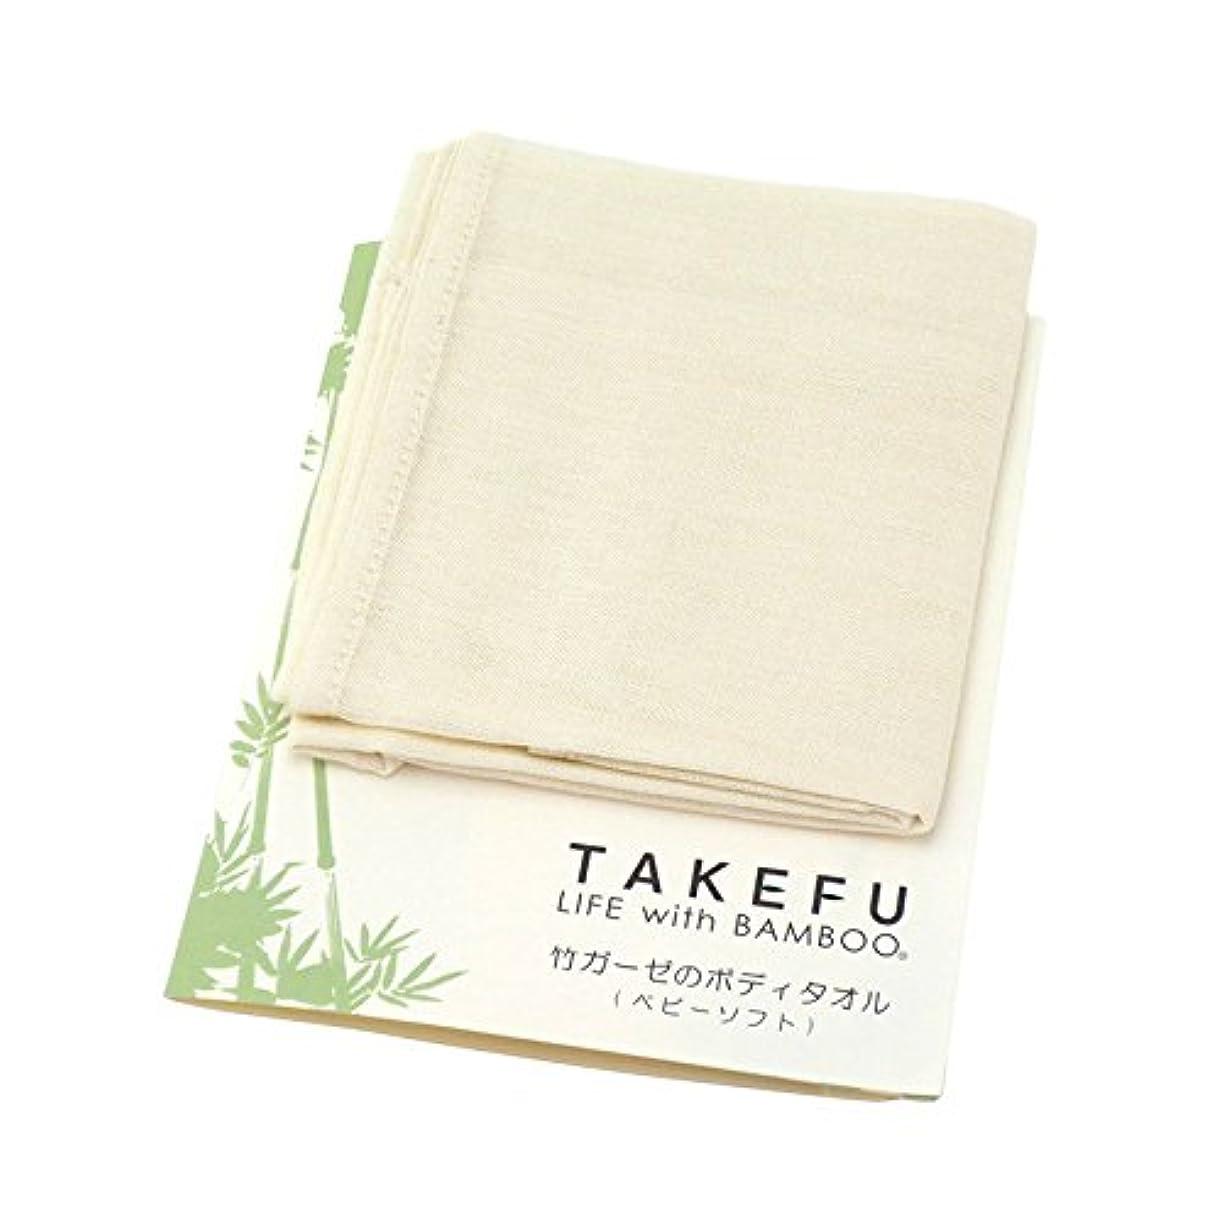 抵当切手計画TAKEFU 竹のボディタオル (ベビーソフト) ナチュラル 35×86cm (竹布 ボディタオル)